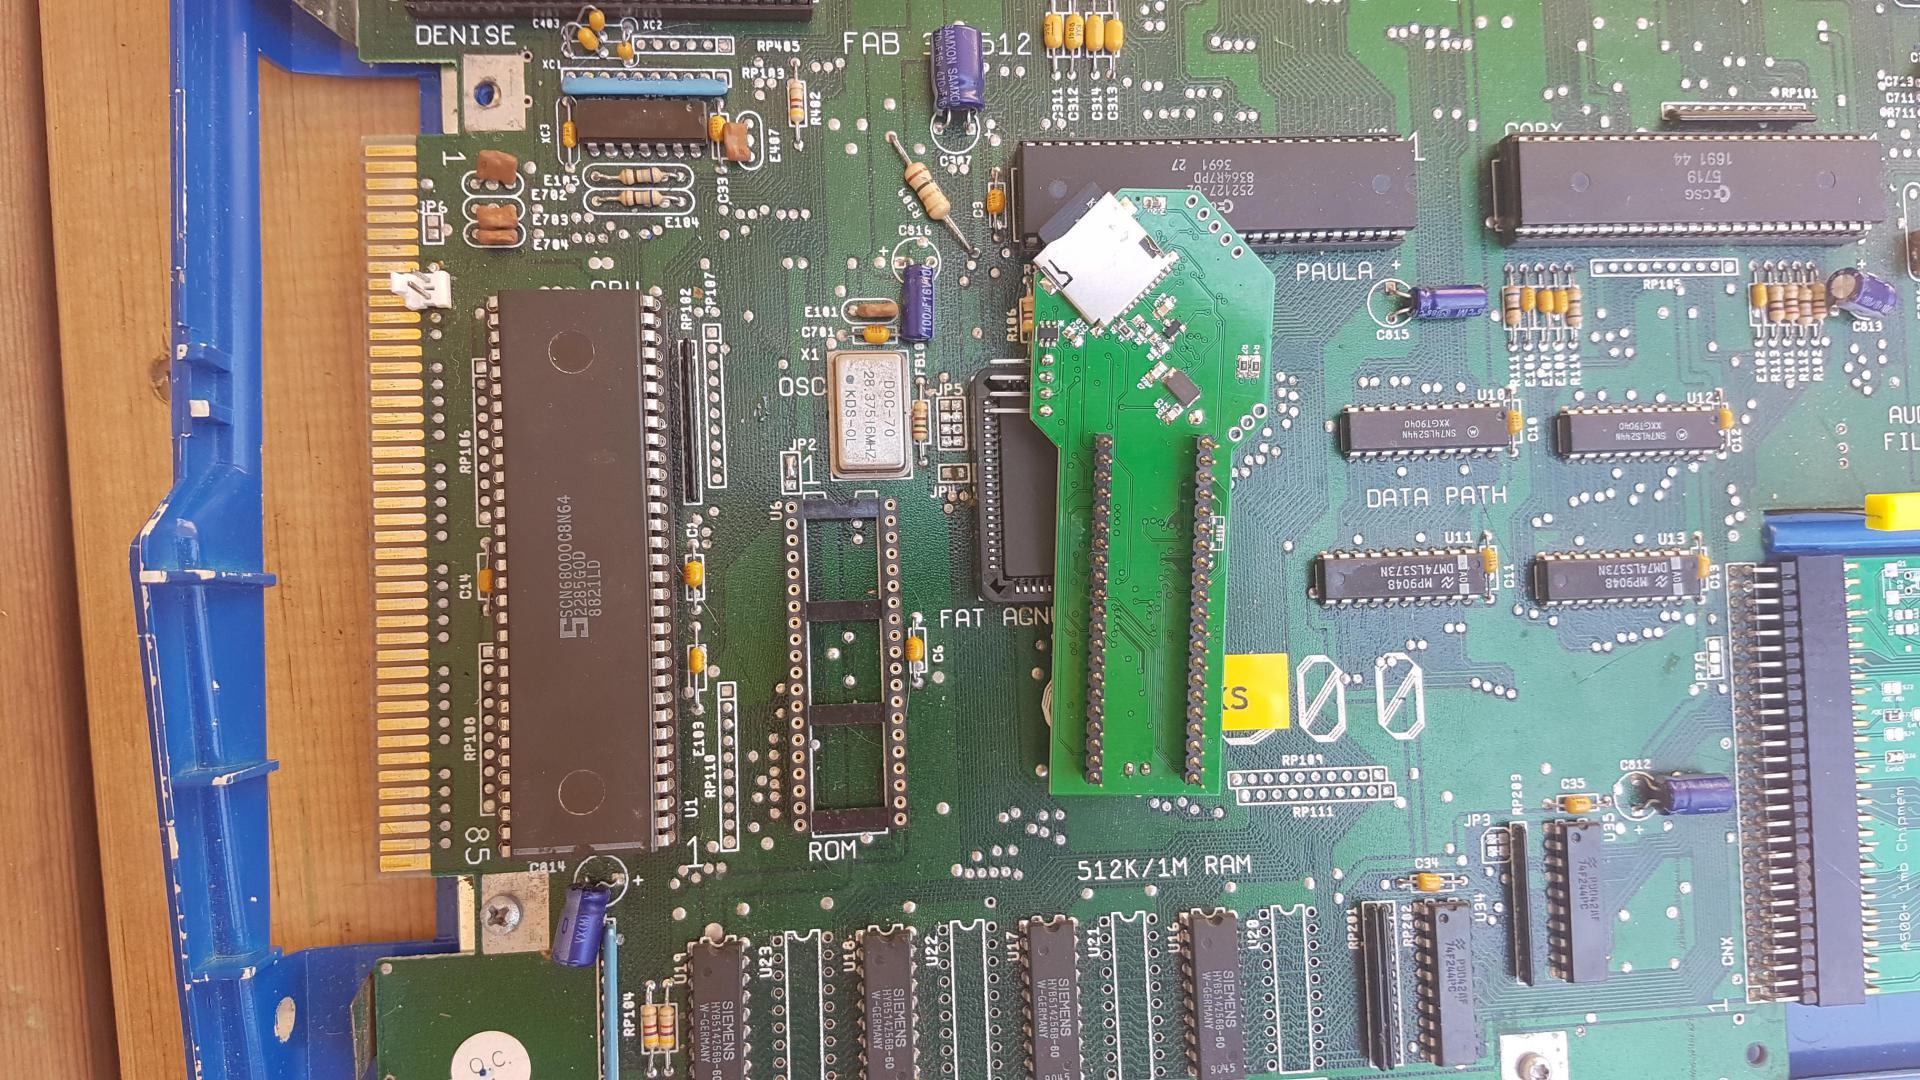 Klikněte na obrázek pro zobrazení větší verze  Název: romulatorbottom.jpg Zobrazeno: 55 Velikost: 425,4 KB ID: 9611